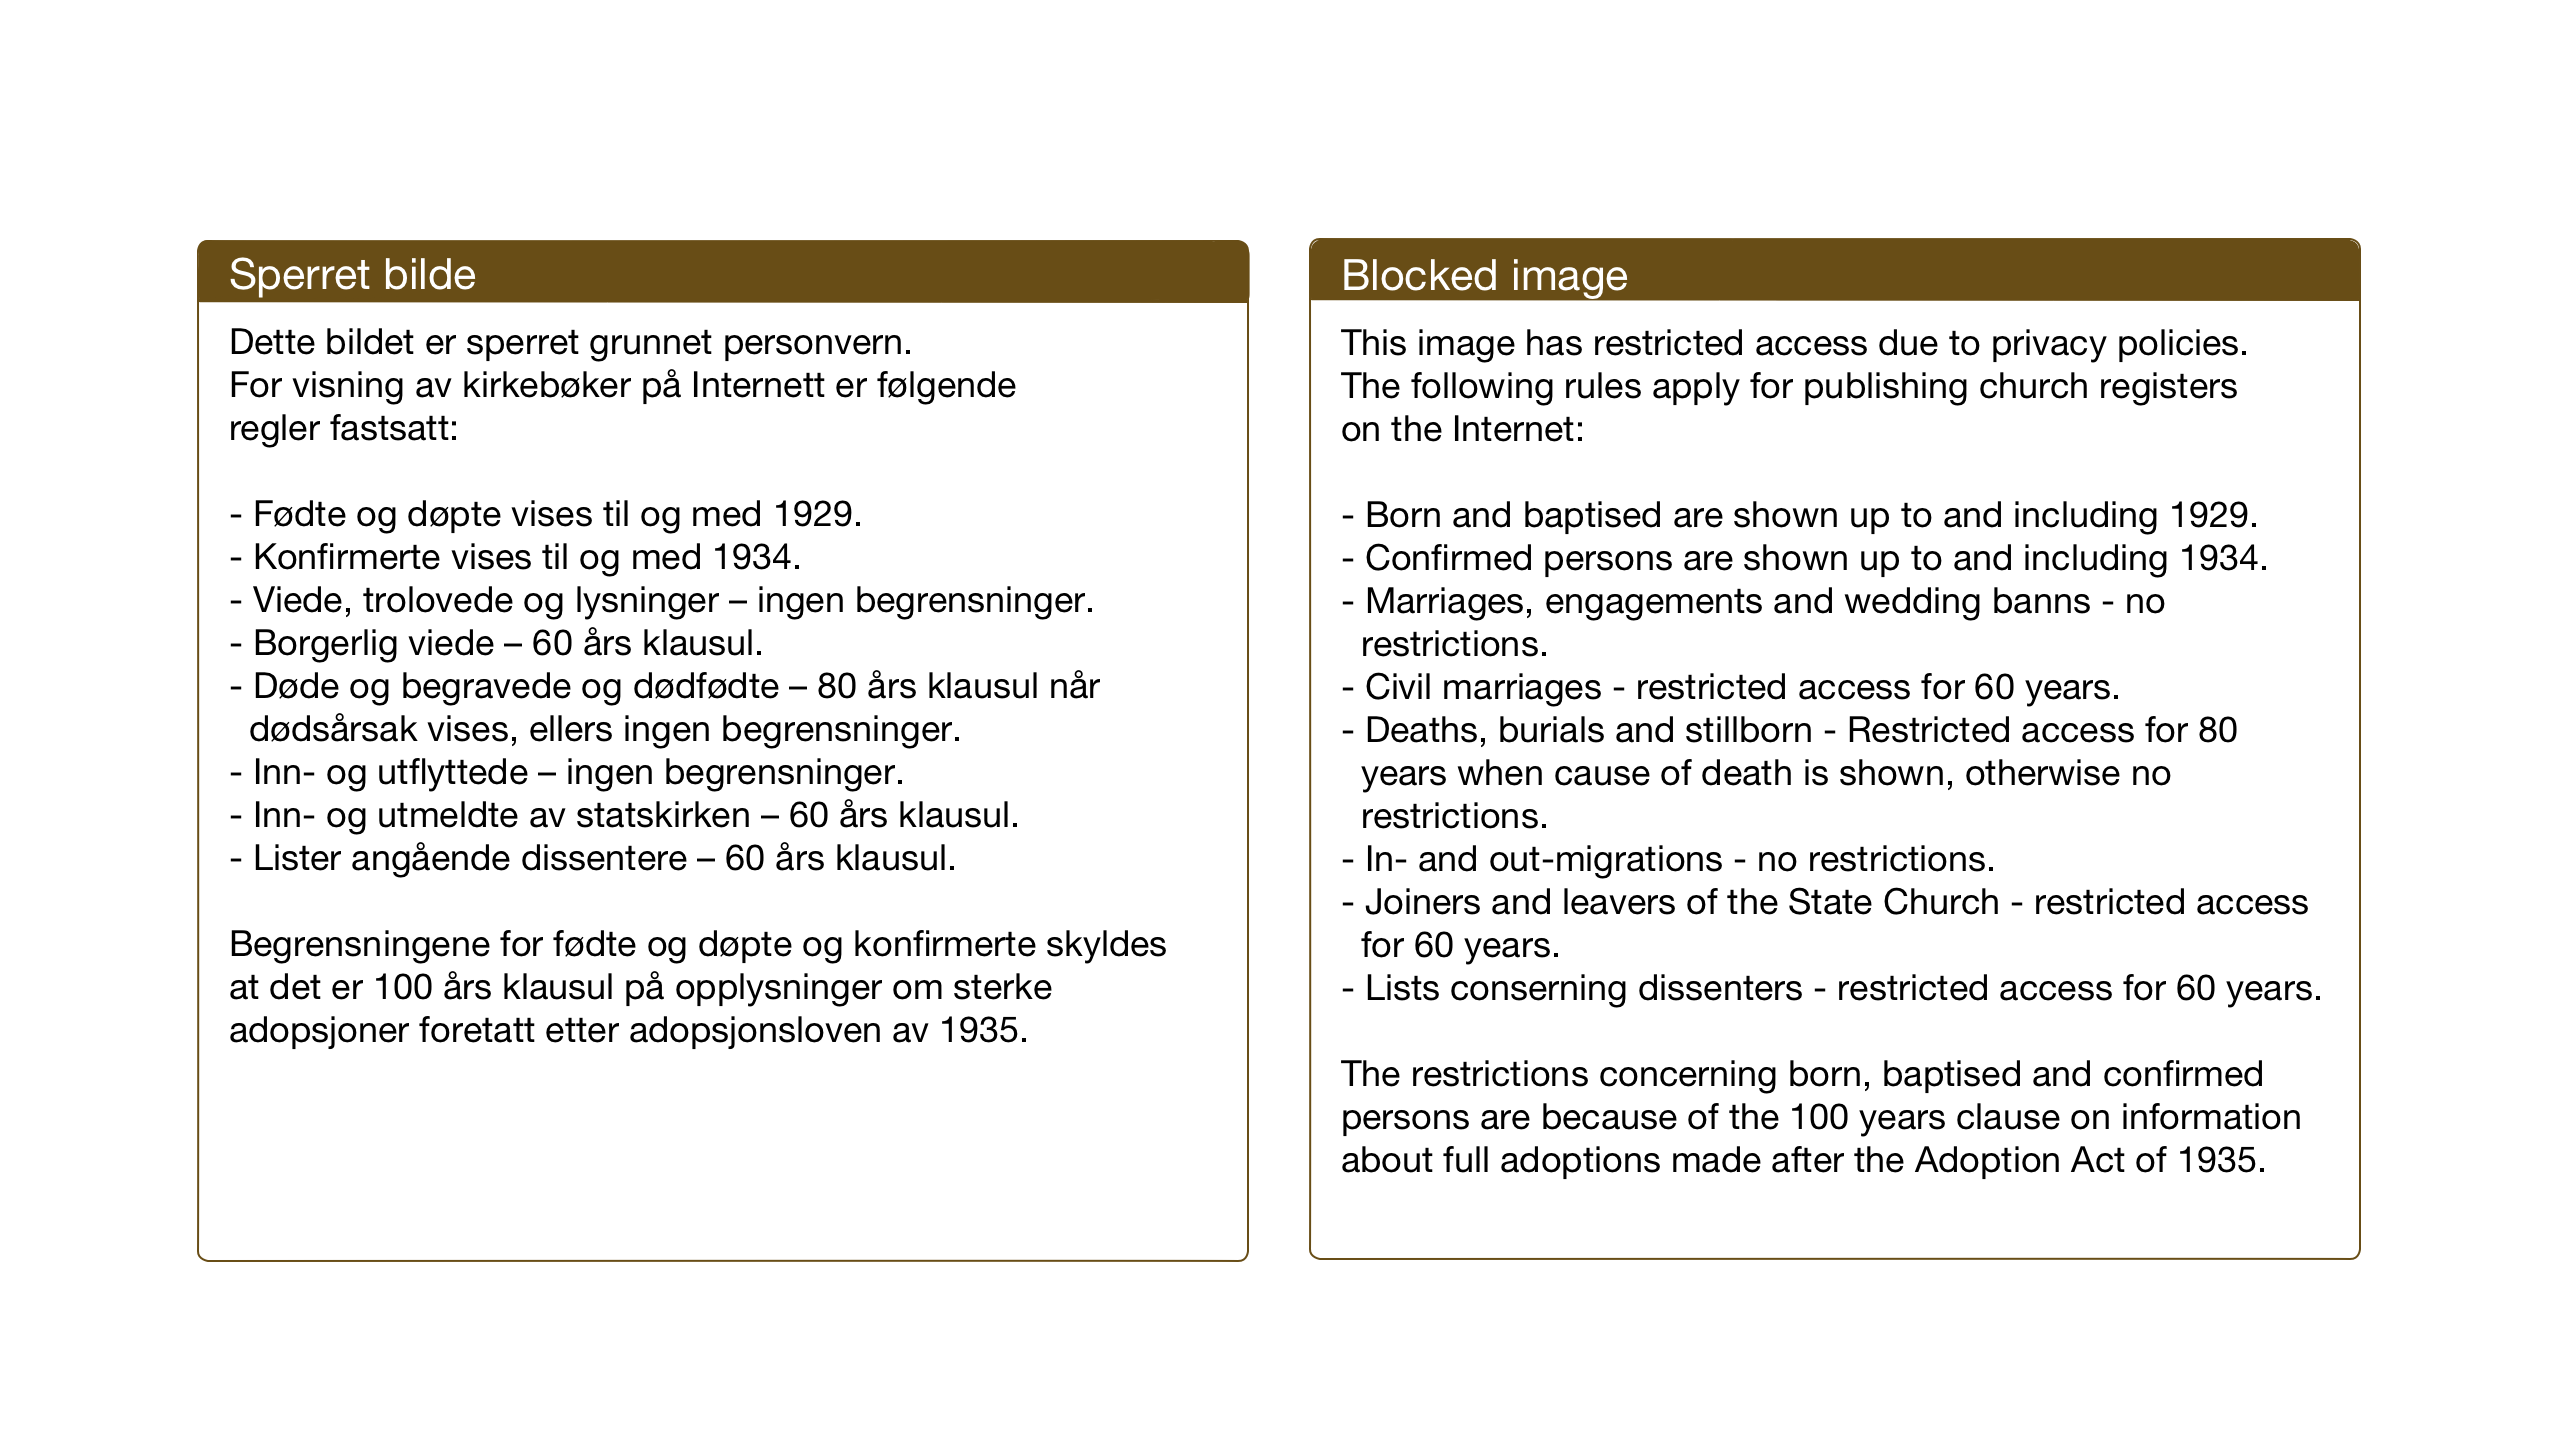 SAT, Ministerialprotokoller, klokkerbøker og fødselsregistre - Sør-Trøndelag, 674/L0878: Klokkerbok nr. 674C05, 1941-1950, s. 6